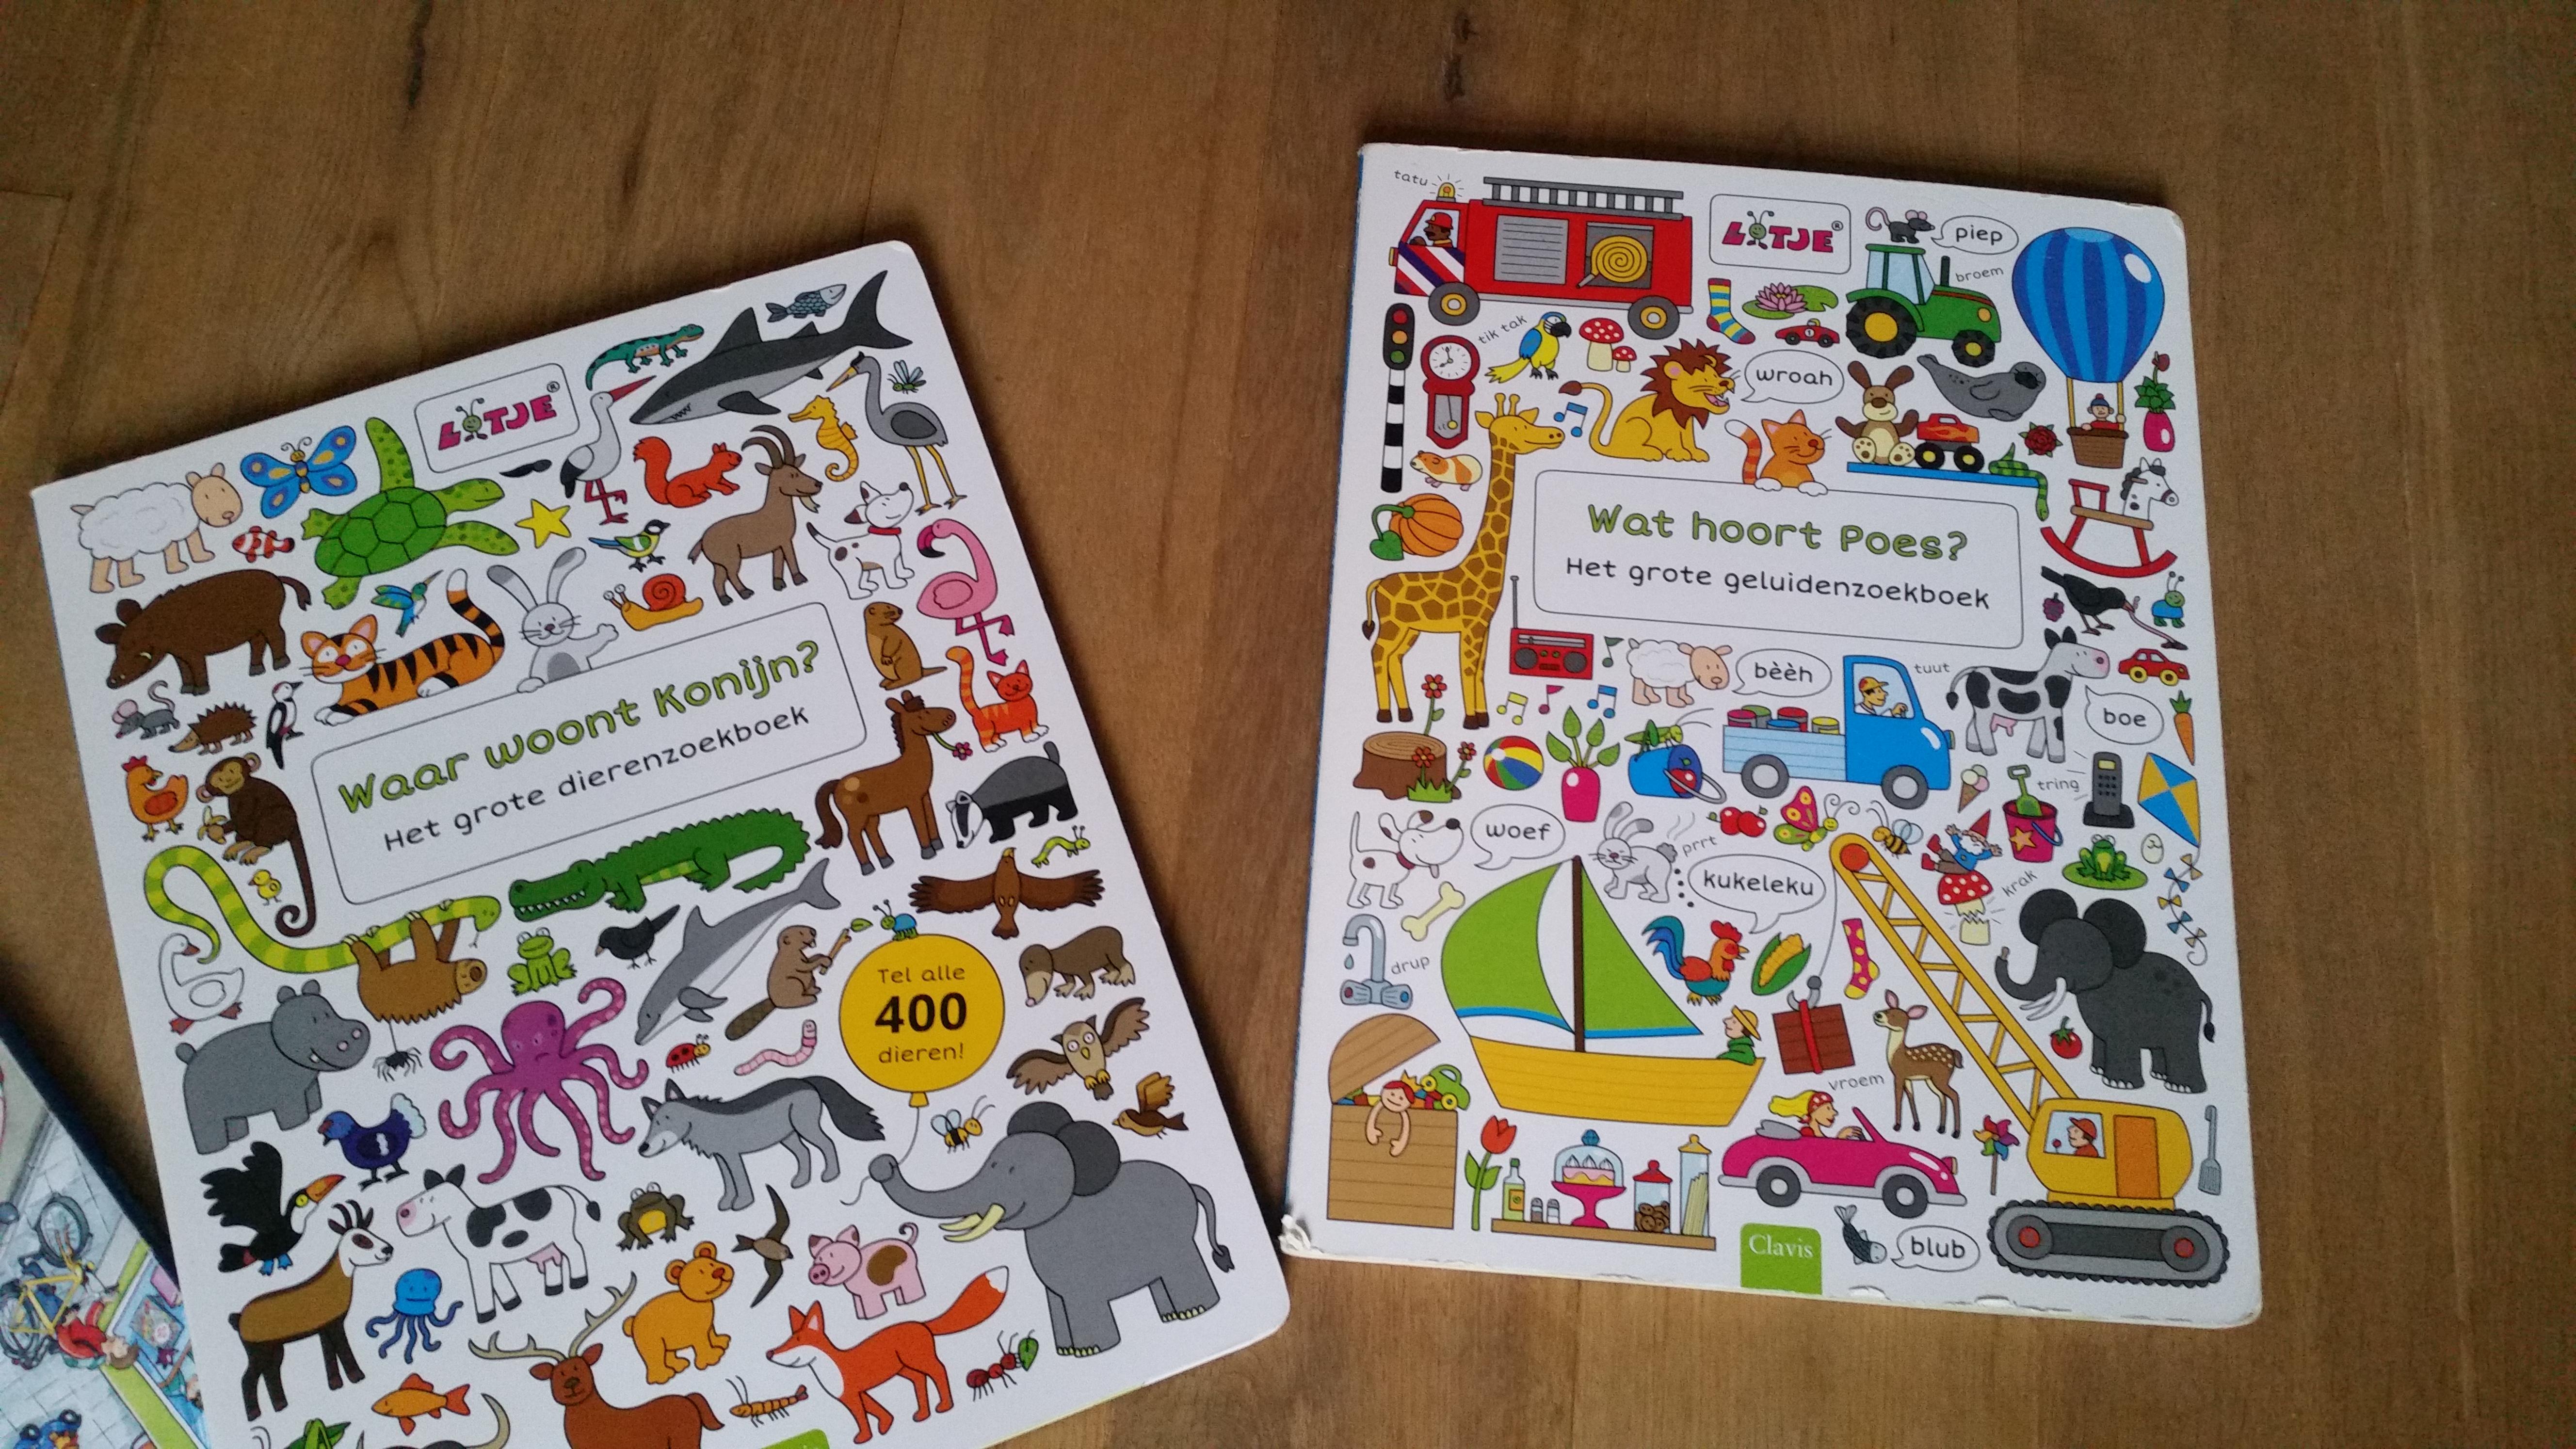 4-16-waar-woont-konijn-boek-waar-slaapt-poes-zoeken-zoekboek-review-leuk-baby-dreumes-lievelings-konijntje-dieren-karton-groot-nanny-amsterdam